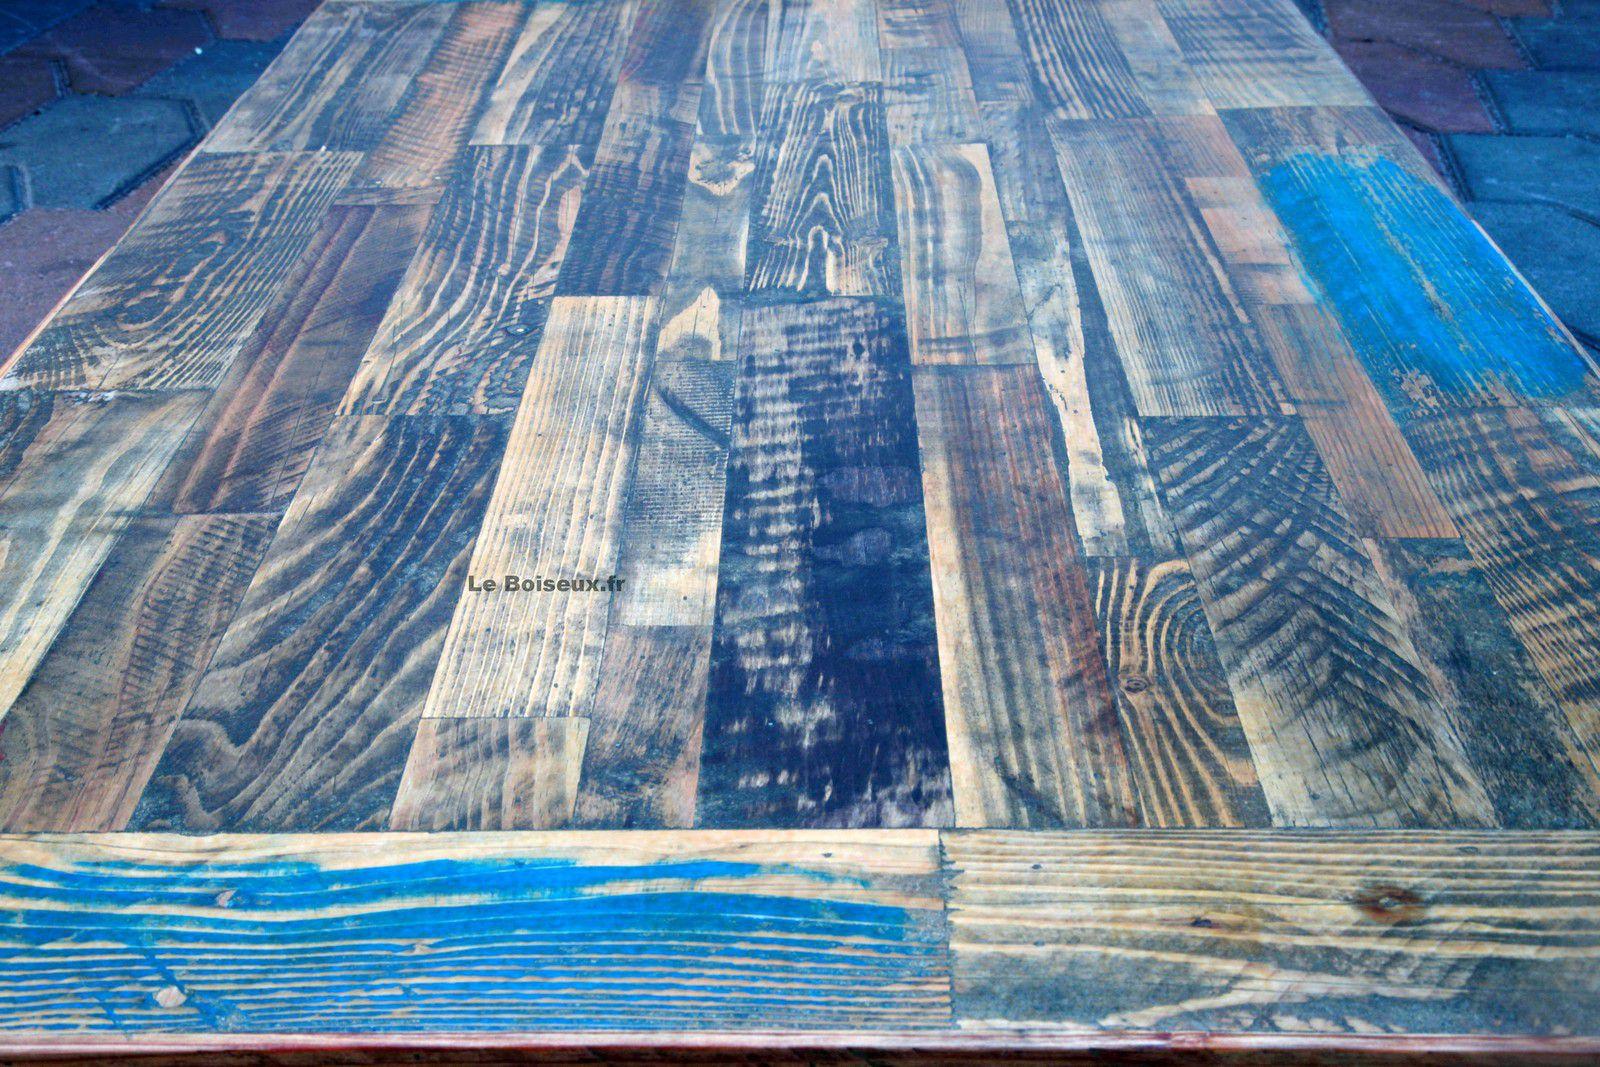 La finition de vos futurs dessus de tables, quels que soient leur nombre et la diversité des essences de bois employées, permettra, certes, de les personnaliser mais aussi d'uniformiser leur aspect général